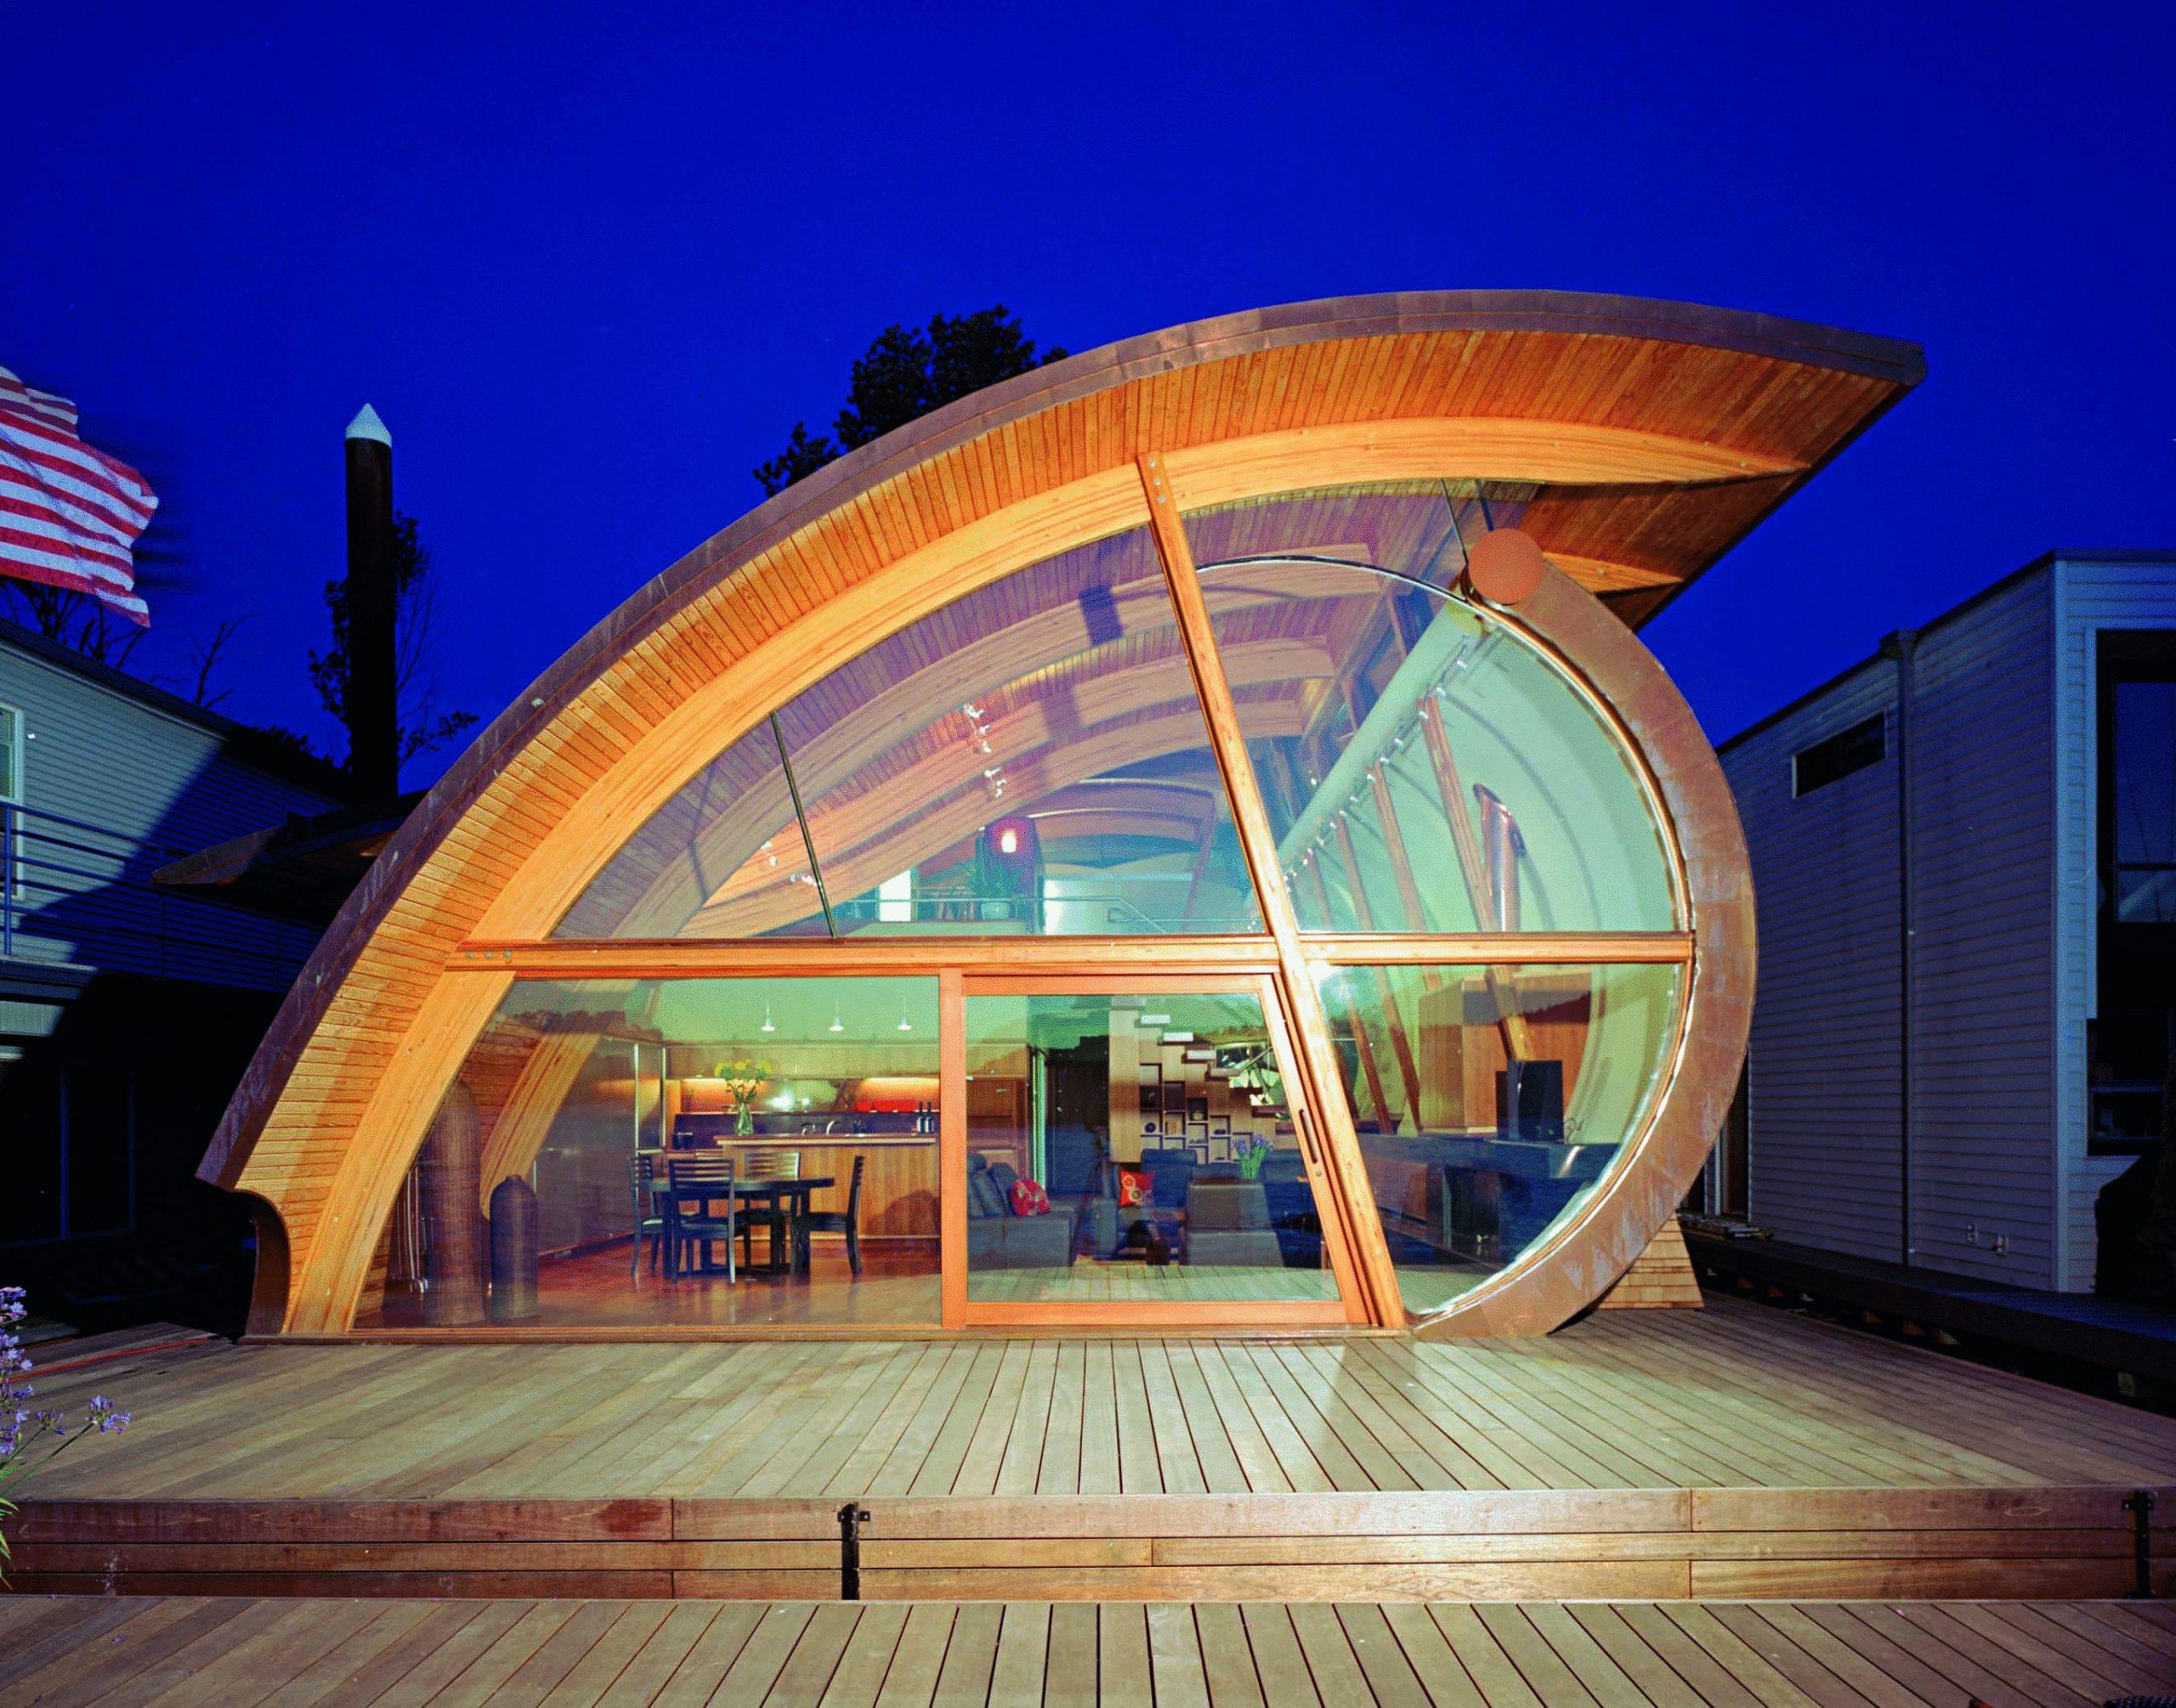 """Očný profil: rohovka lemovaná drevom, dúhovka odrážajúca svetlo interiéru a šošovka prenikajúca do priestoru. Oko je zrkadlom do duše obydlia, a to doslova. Výstižnejšie je ale povedať: """"Láska na prvý pohľad."""""""